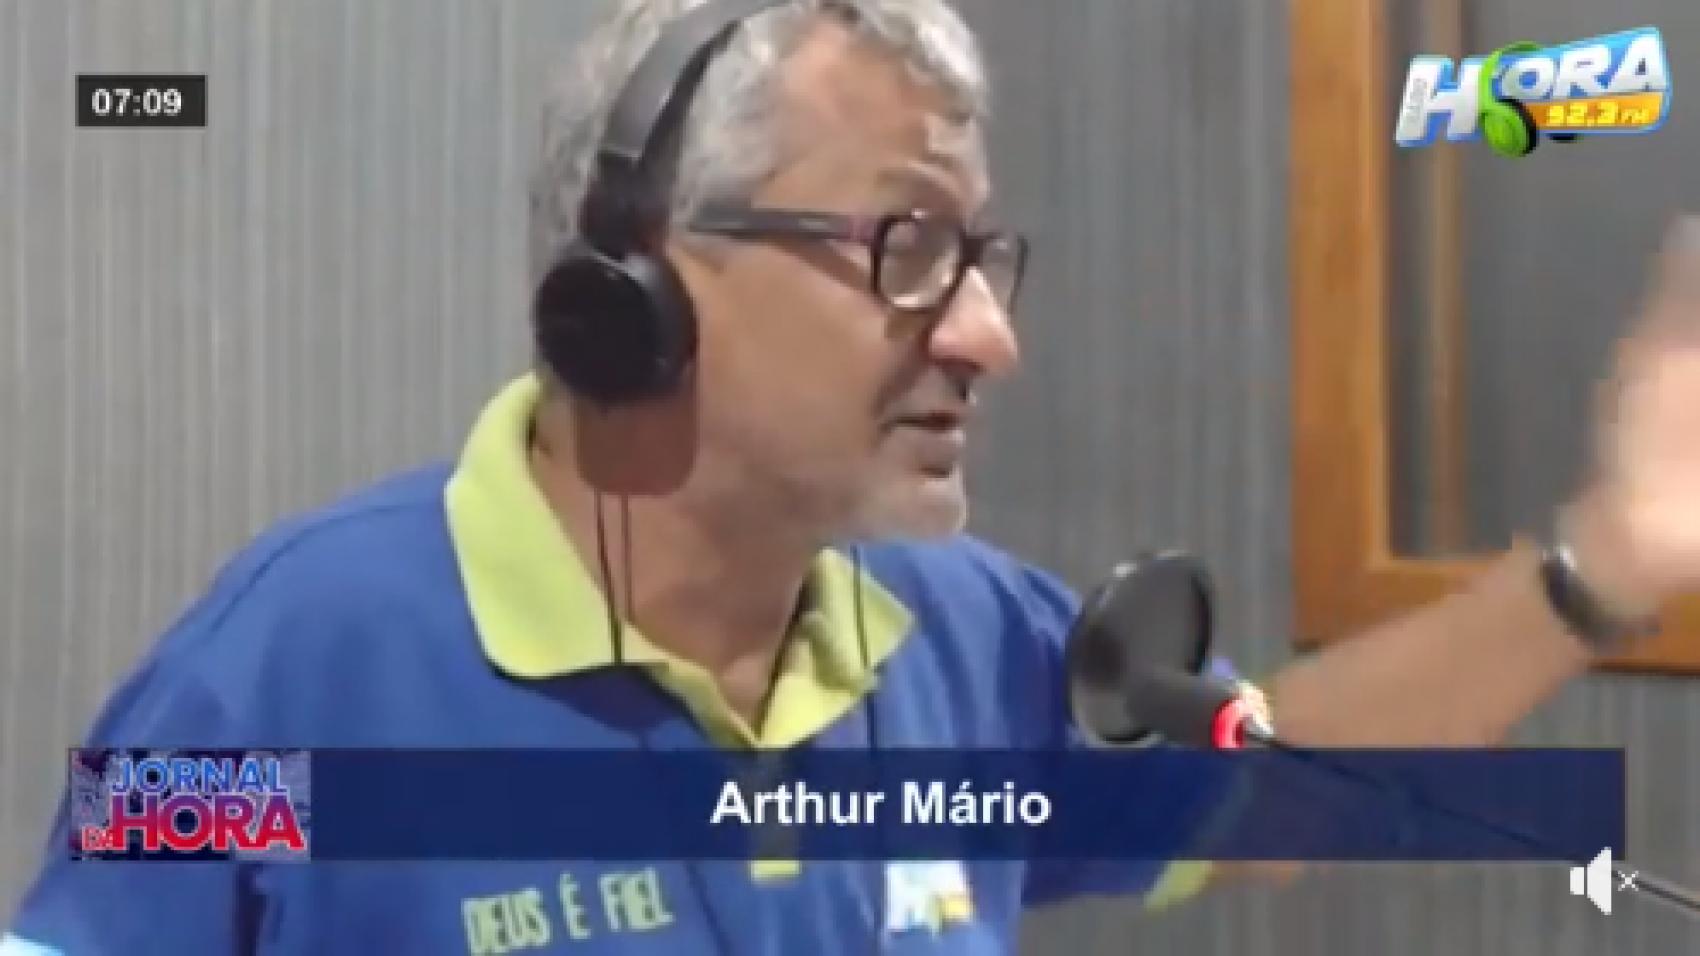 Presidente da Acomasul e vice-presidente da Fenapc, Adão Castilho, falou nesta quarta-feira à Rádio Hora sobre a necessidade do retorno das atividades da construção civil após a quarentena de 15 dias.